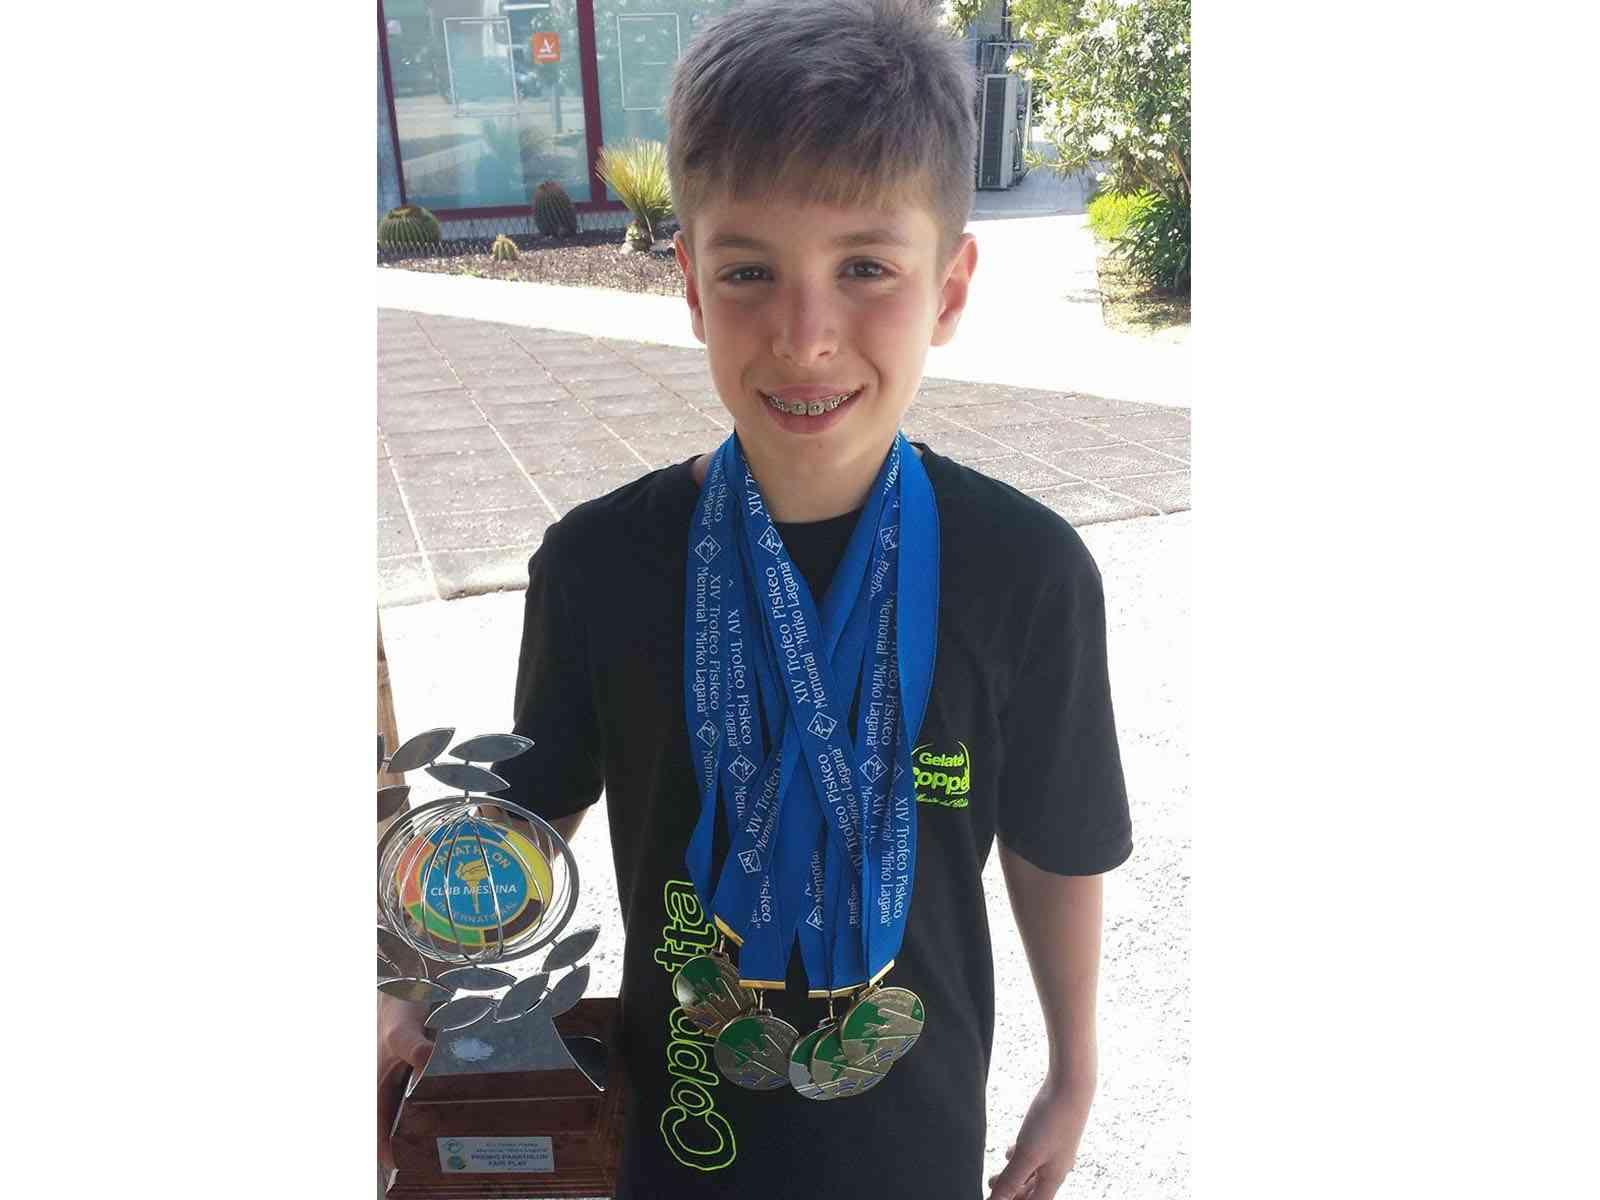 Immagine articolo: Nuovo Record Regionale di Nuoto FIN nei 50 dorso per il piccolo Daniele Giardina